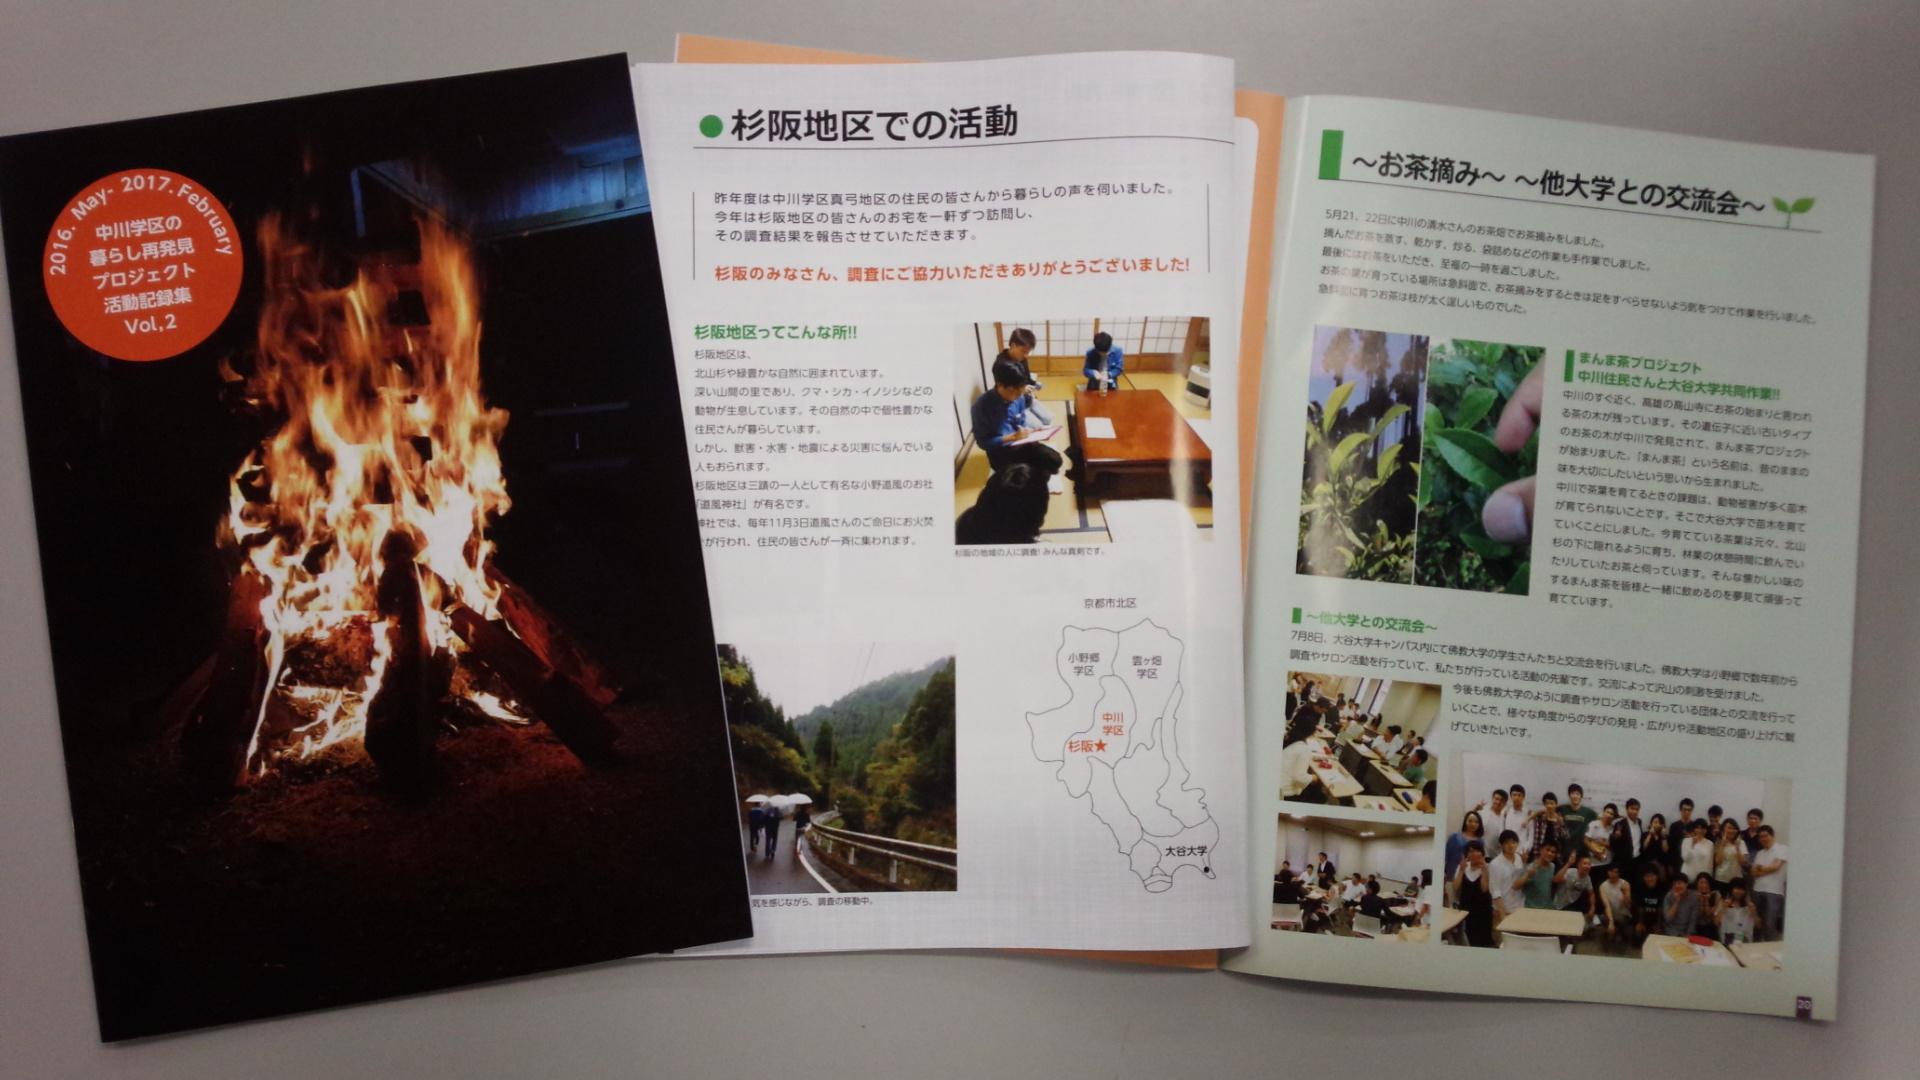 大谷大学地域連携室(コミュ・ラボ)と中川学区社会福祉協議会(京都市北区)が2016年5月から2017年2月までの活動記録集「中川学区の暮らし再発見プロジェクト活動記録集 -Vol.2-」を発行